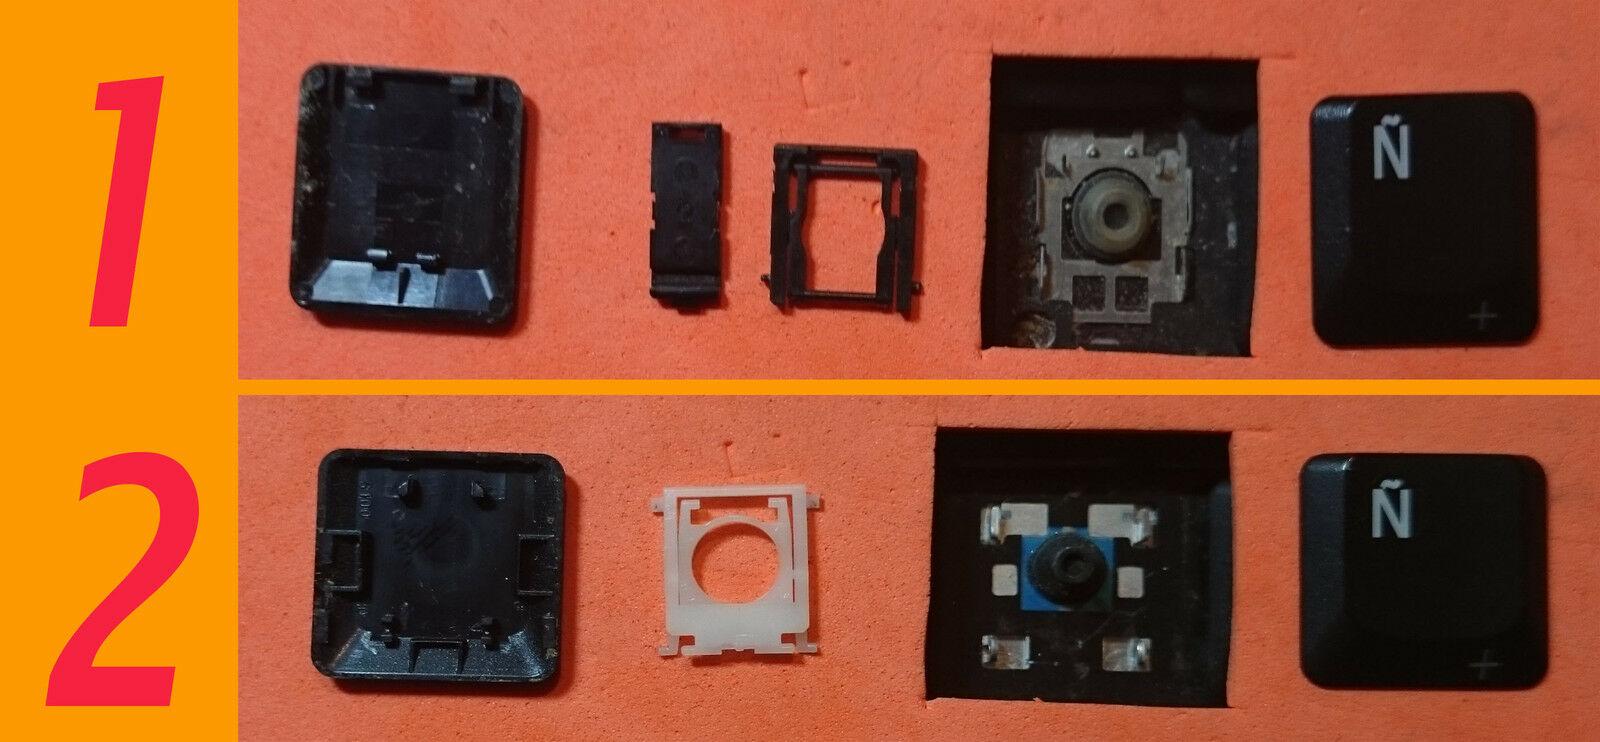 TECLA TECLAS DE TECLADO TOSHIBA SATELLLITE R10 R15 R20 R25 S1130 S205